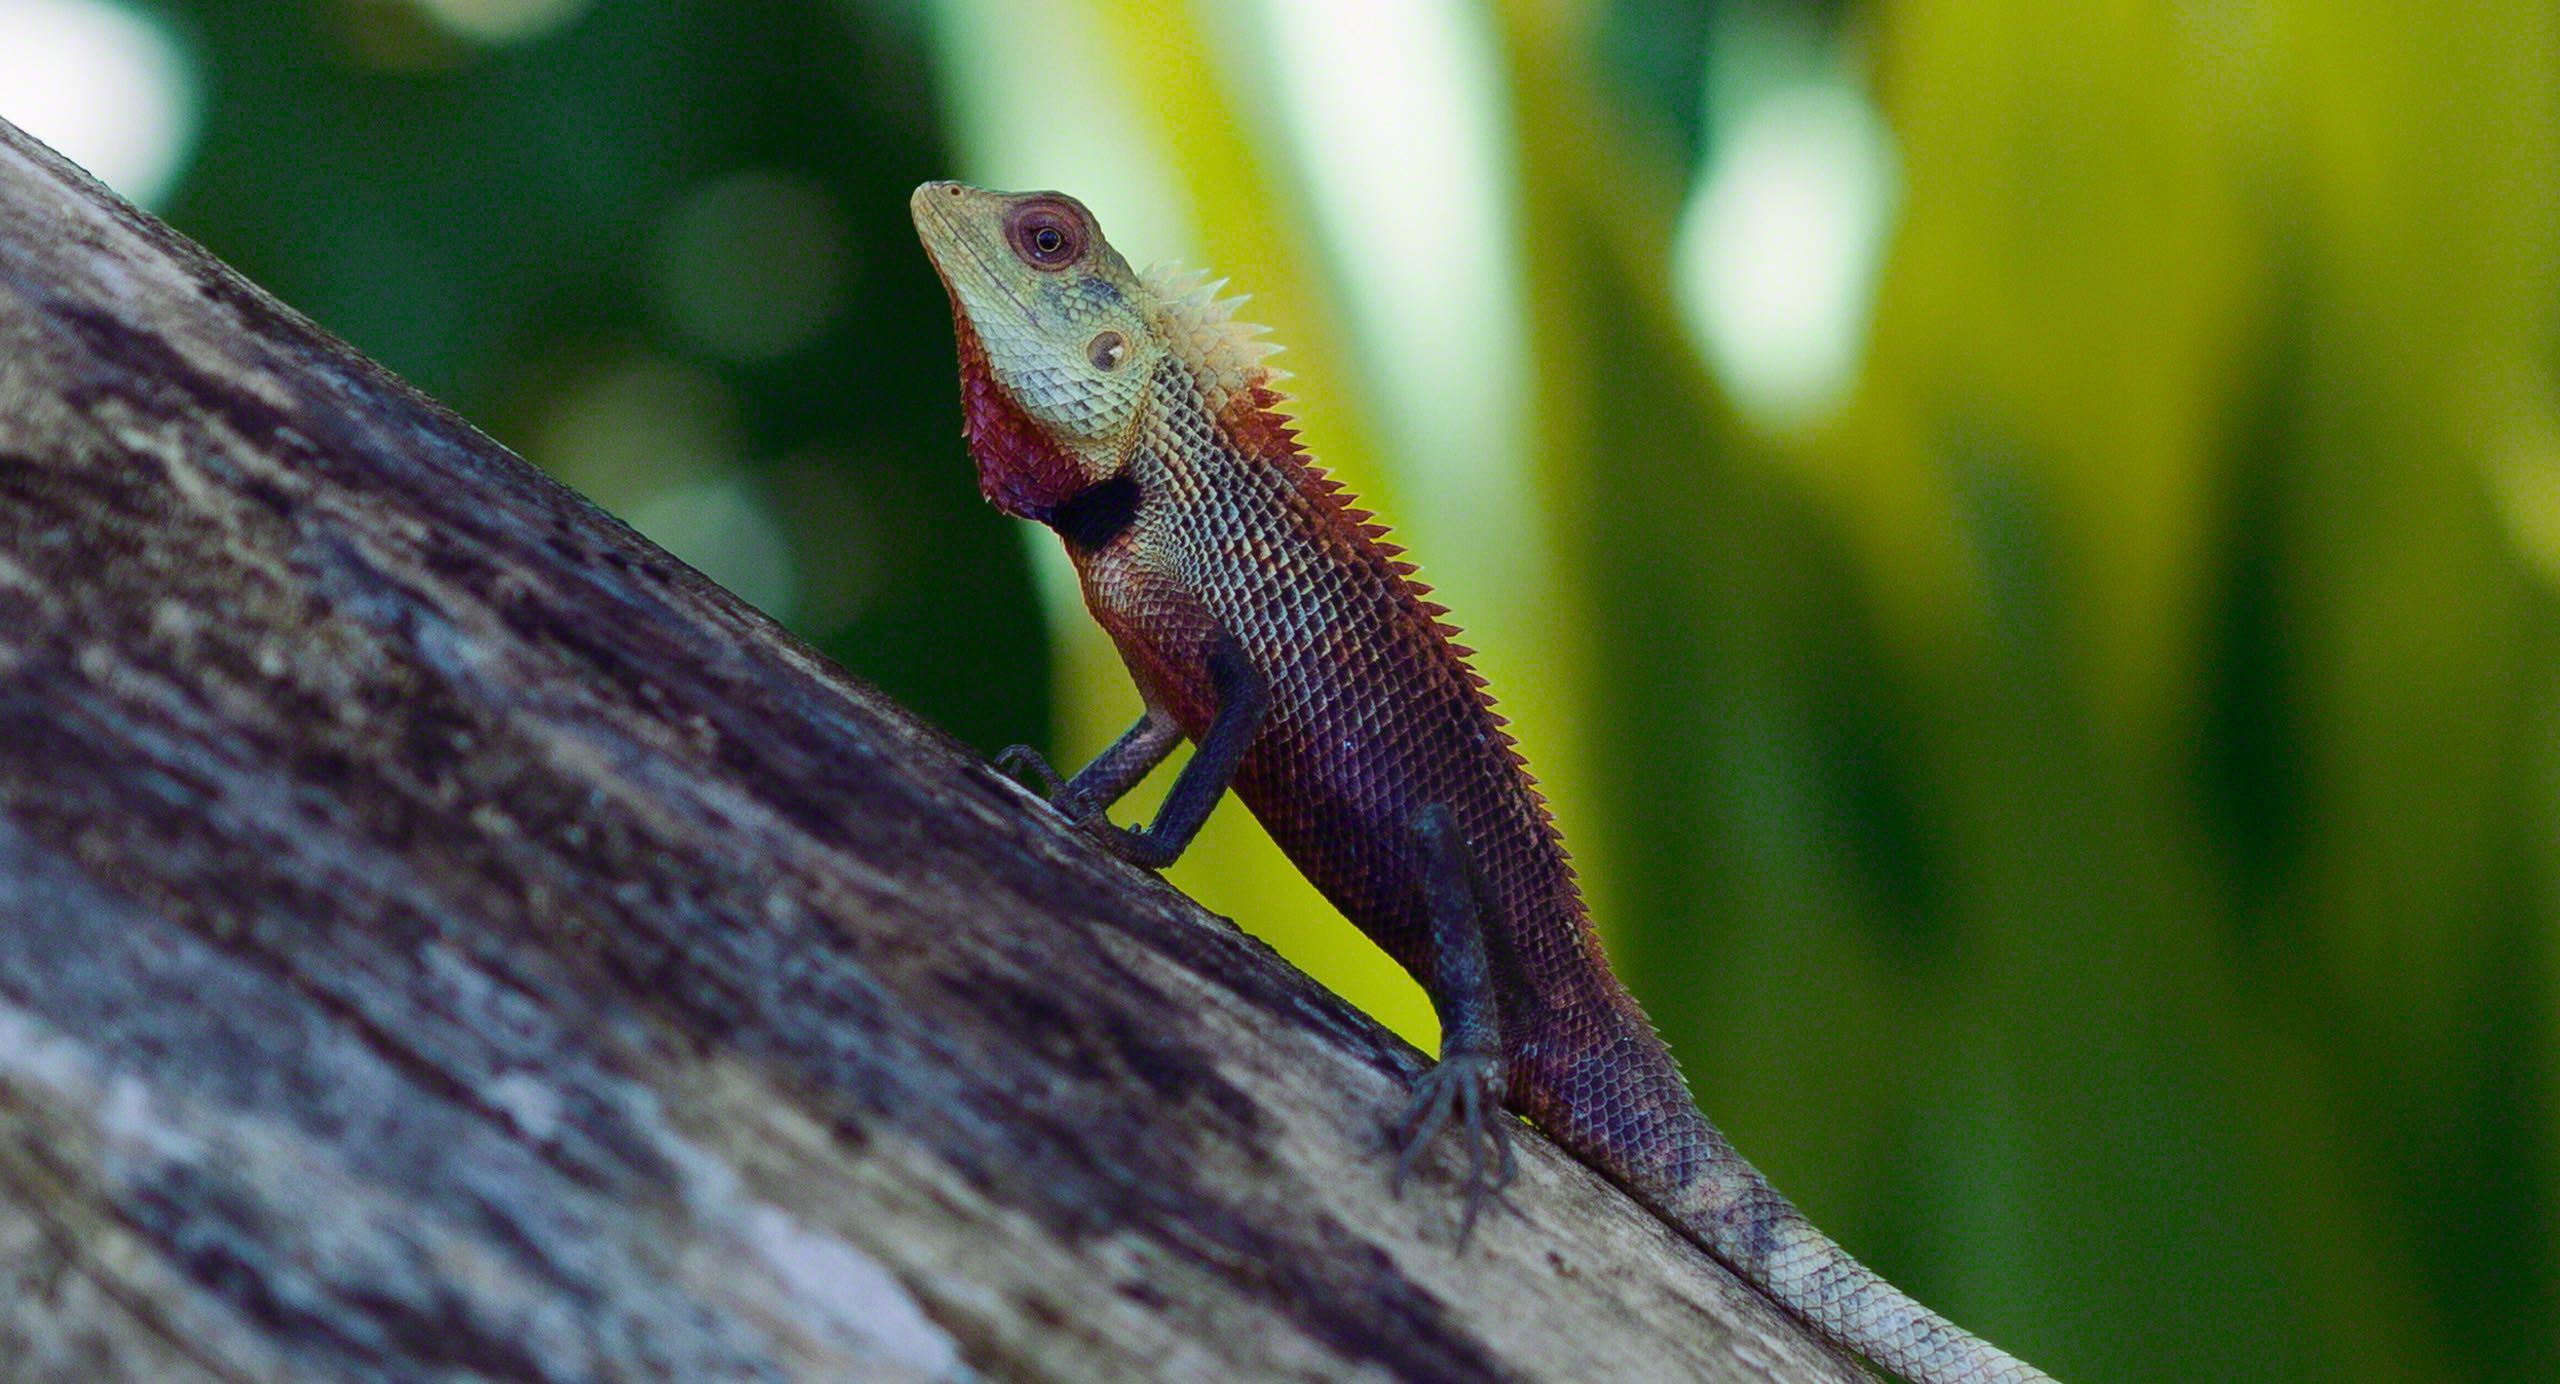 Ein Insel-Naturreich voller farbprächtige Haustiere.